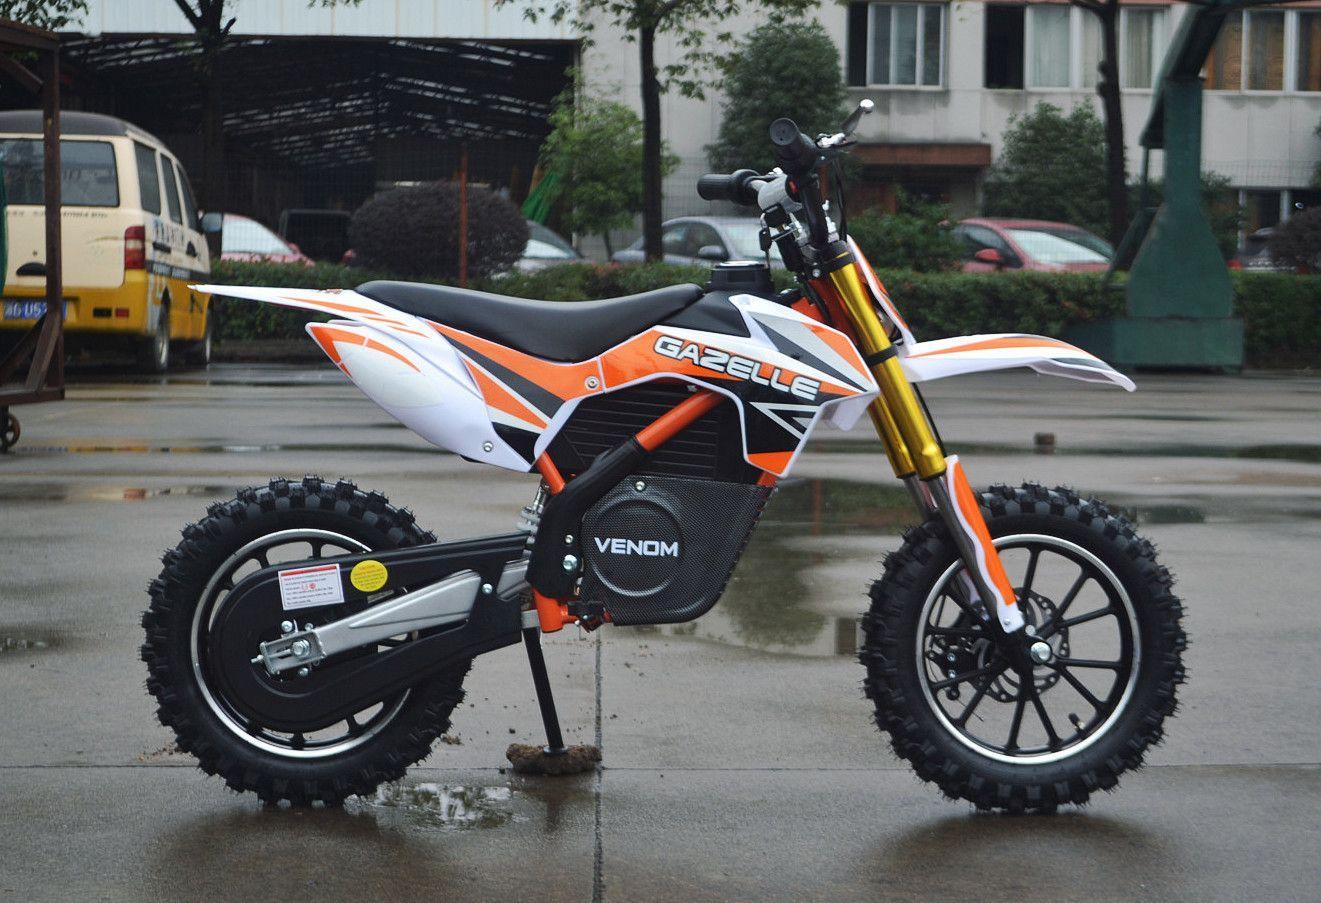 500w Electric Dirt Bike Motocross 24v Electric Dirt Bike Dirt